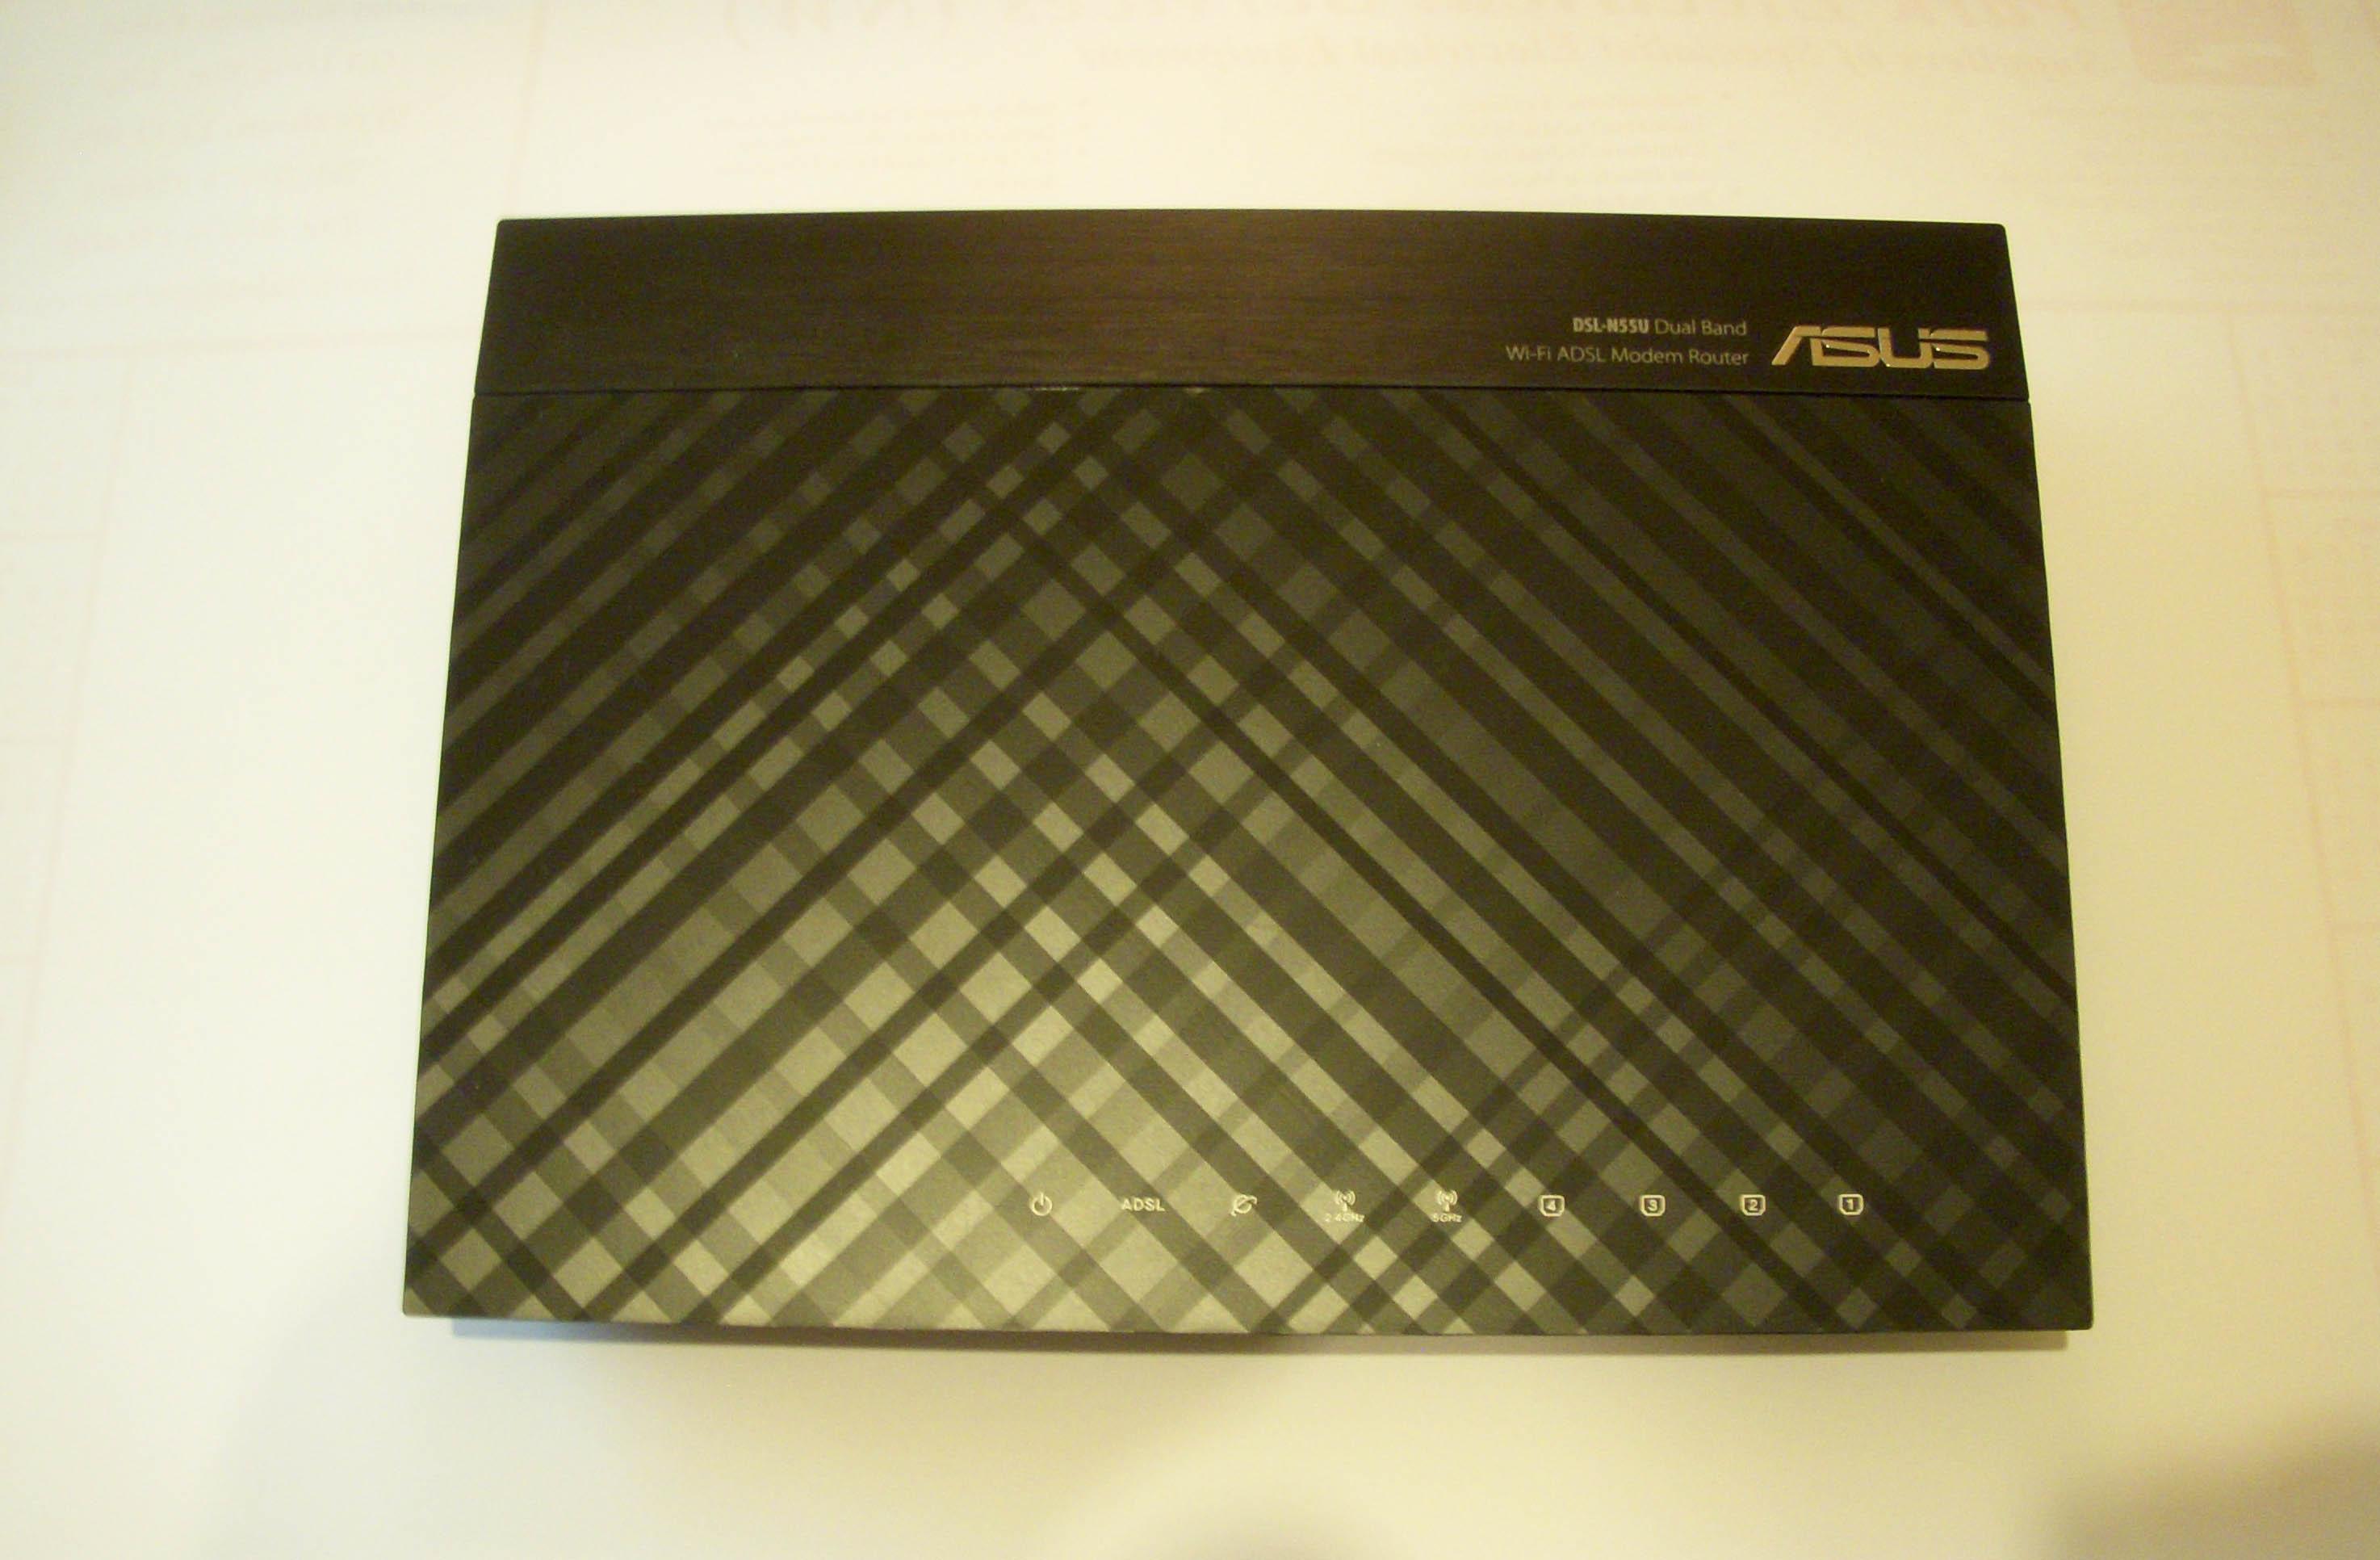 Asus DSL-N55U - Top View - Review